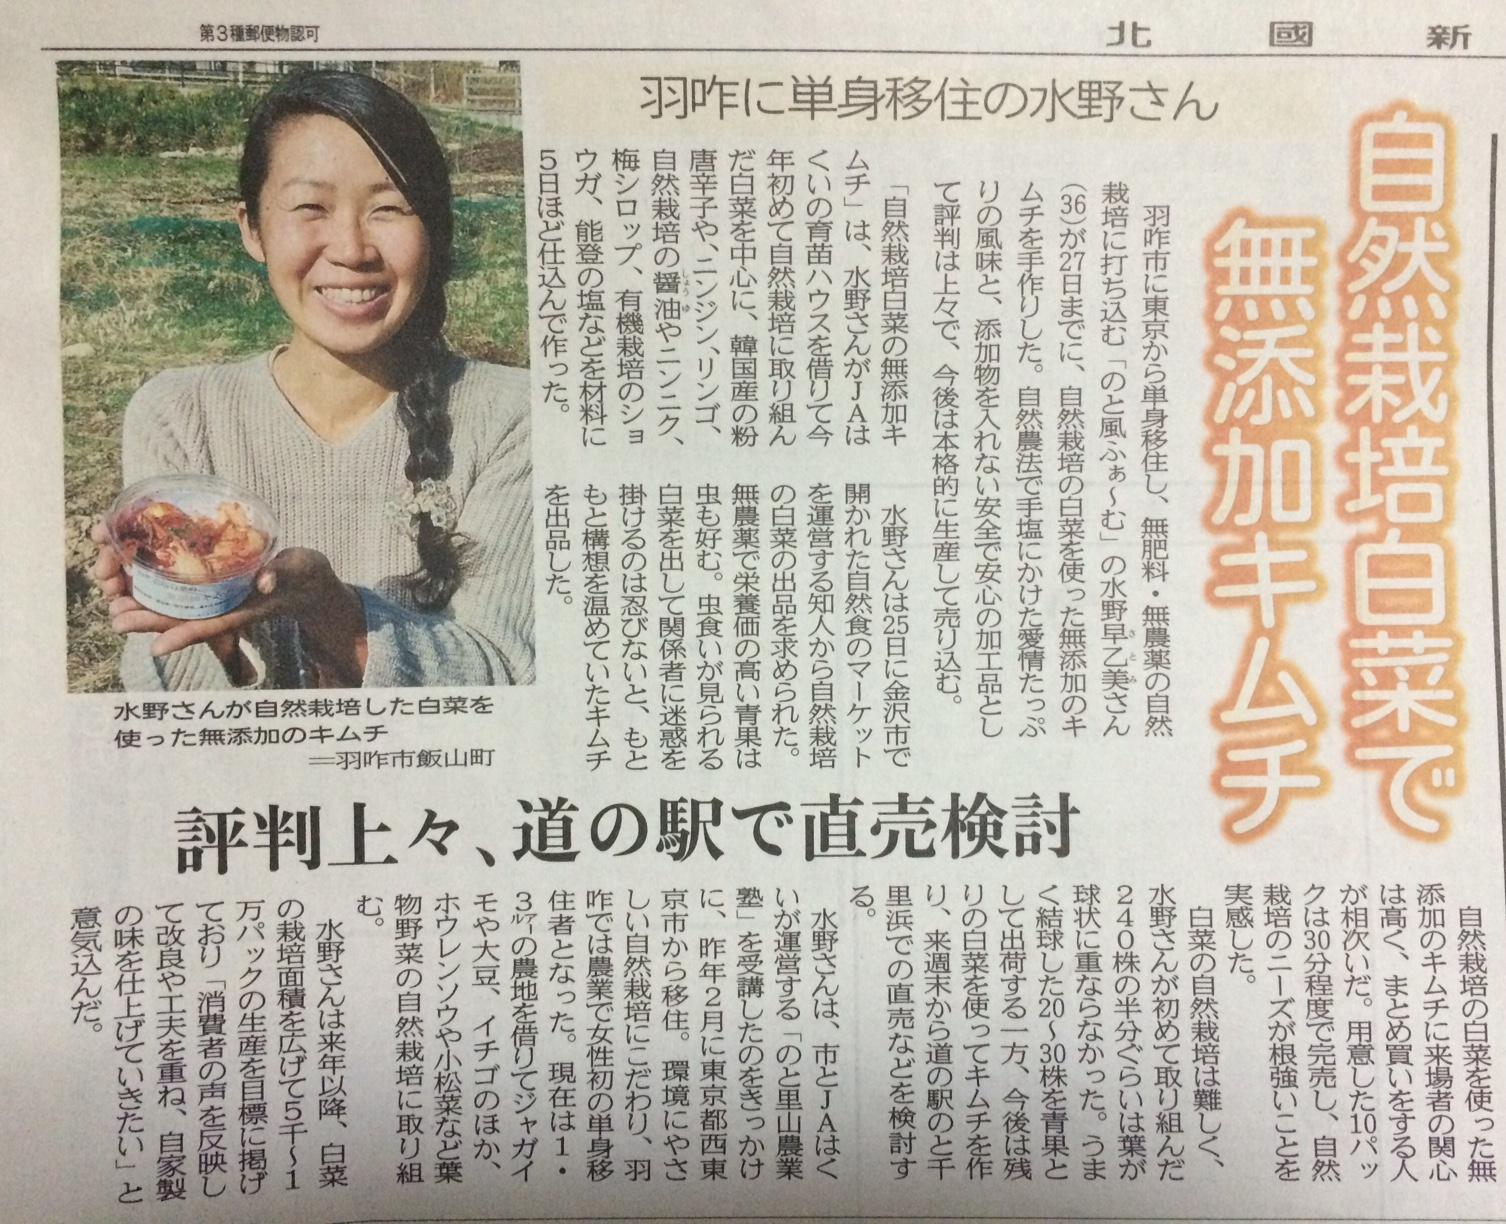 2018.11.28付『北國新聞』朝刊にて【自然栽培白菜の無添加キムチ】を掲載して頂きました。